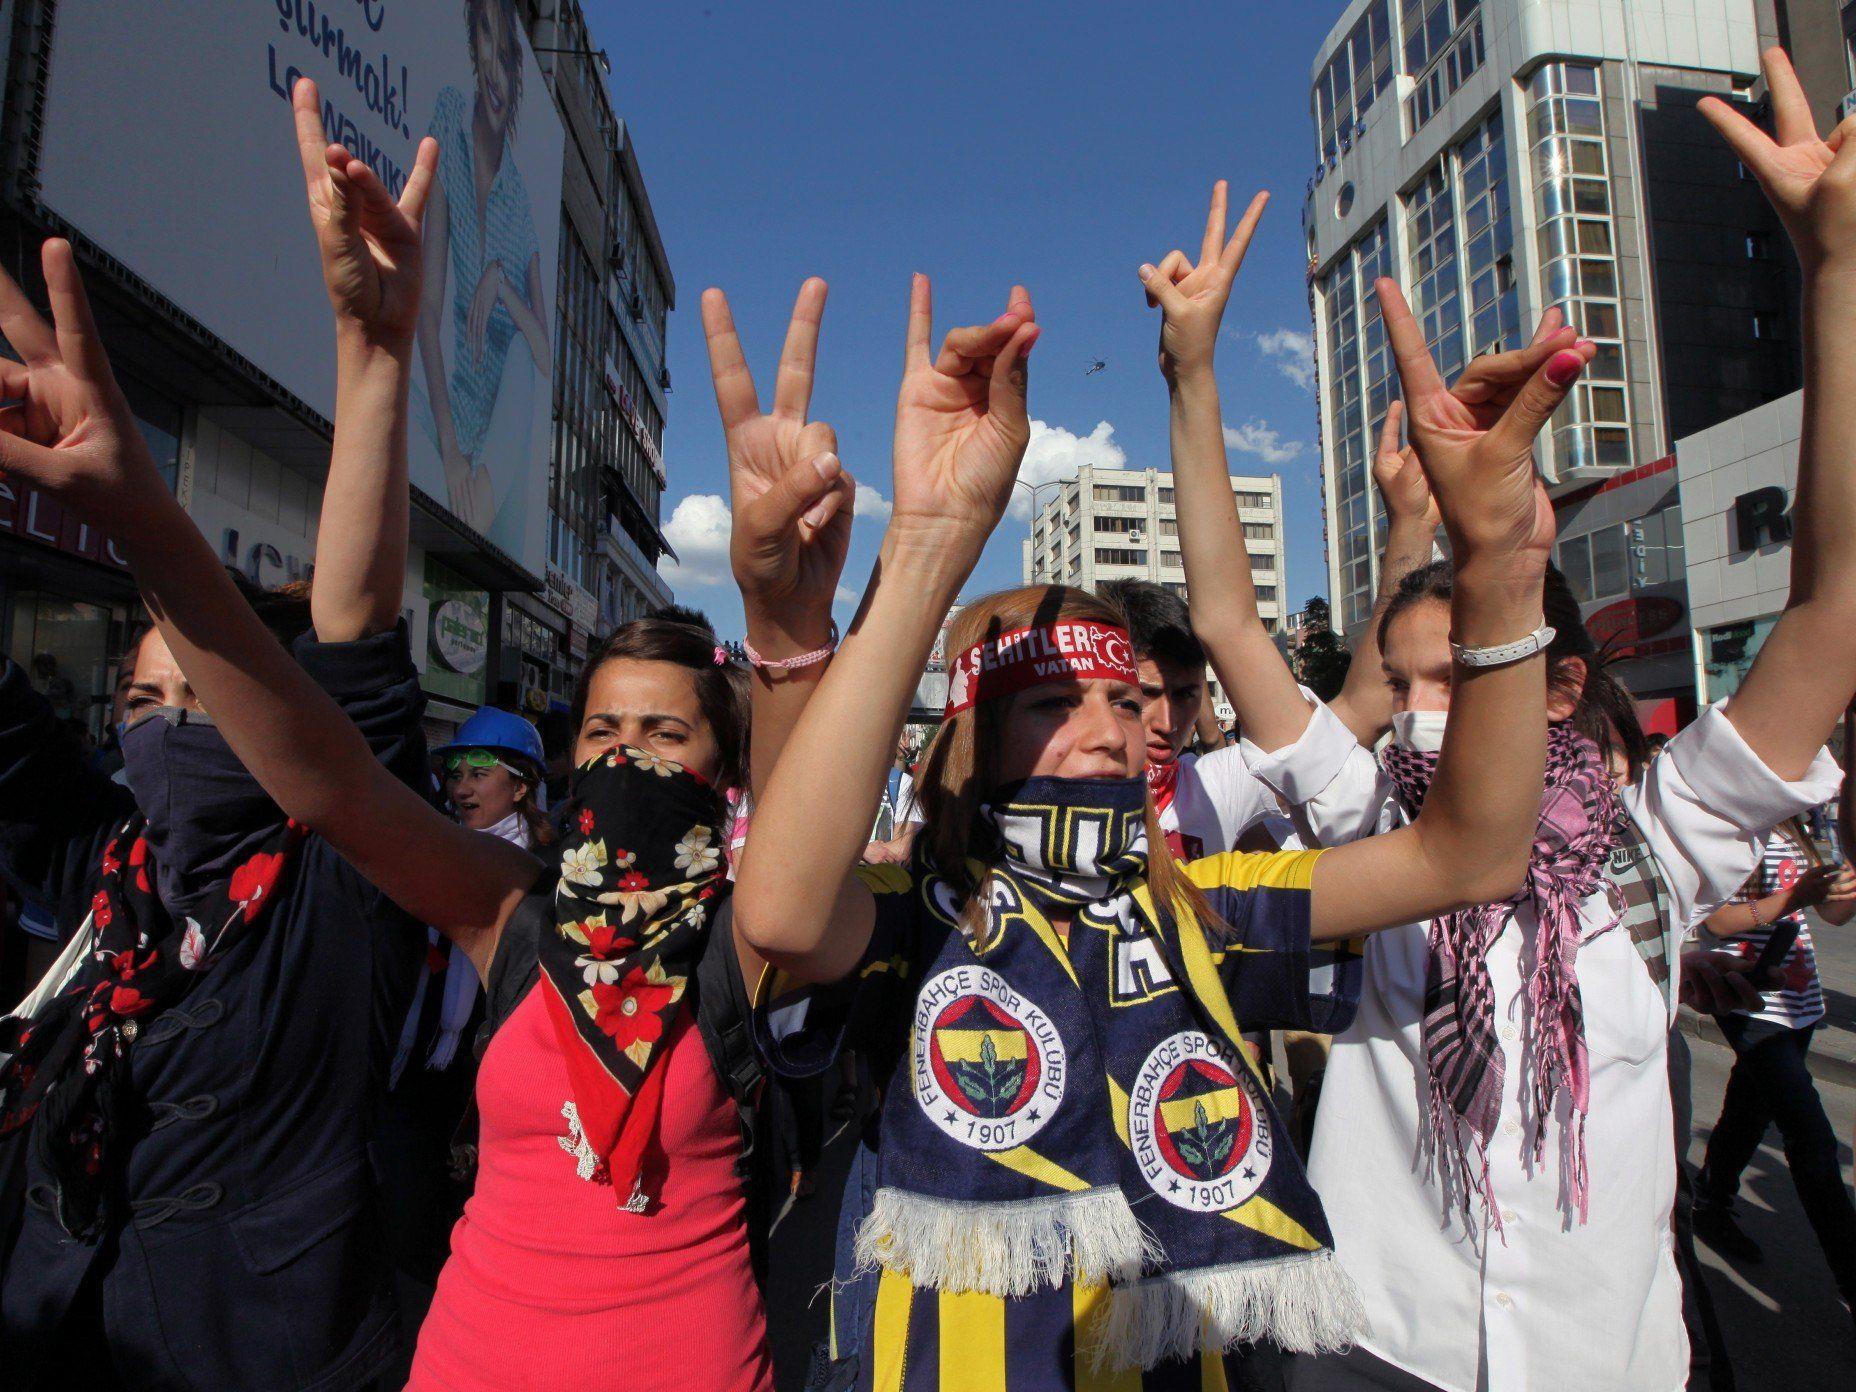 Die Repression in der Türkei richtet sich vor allem gegen Umweltschützer und Intellektuelle, die nicht die Regierungslinie vertreten.